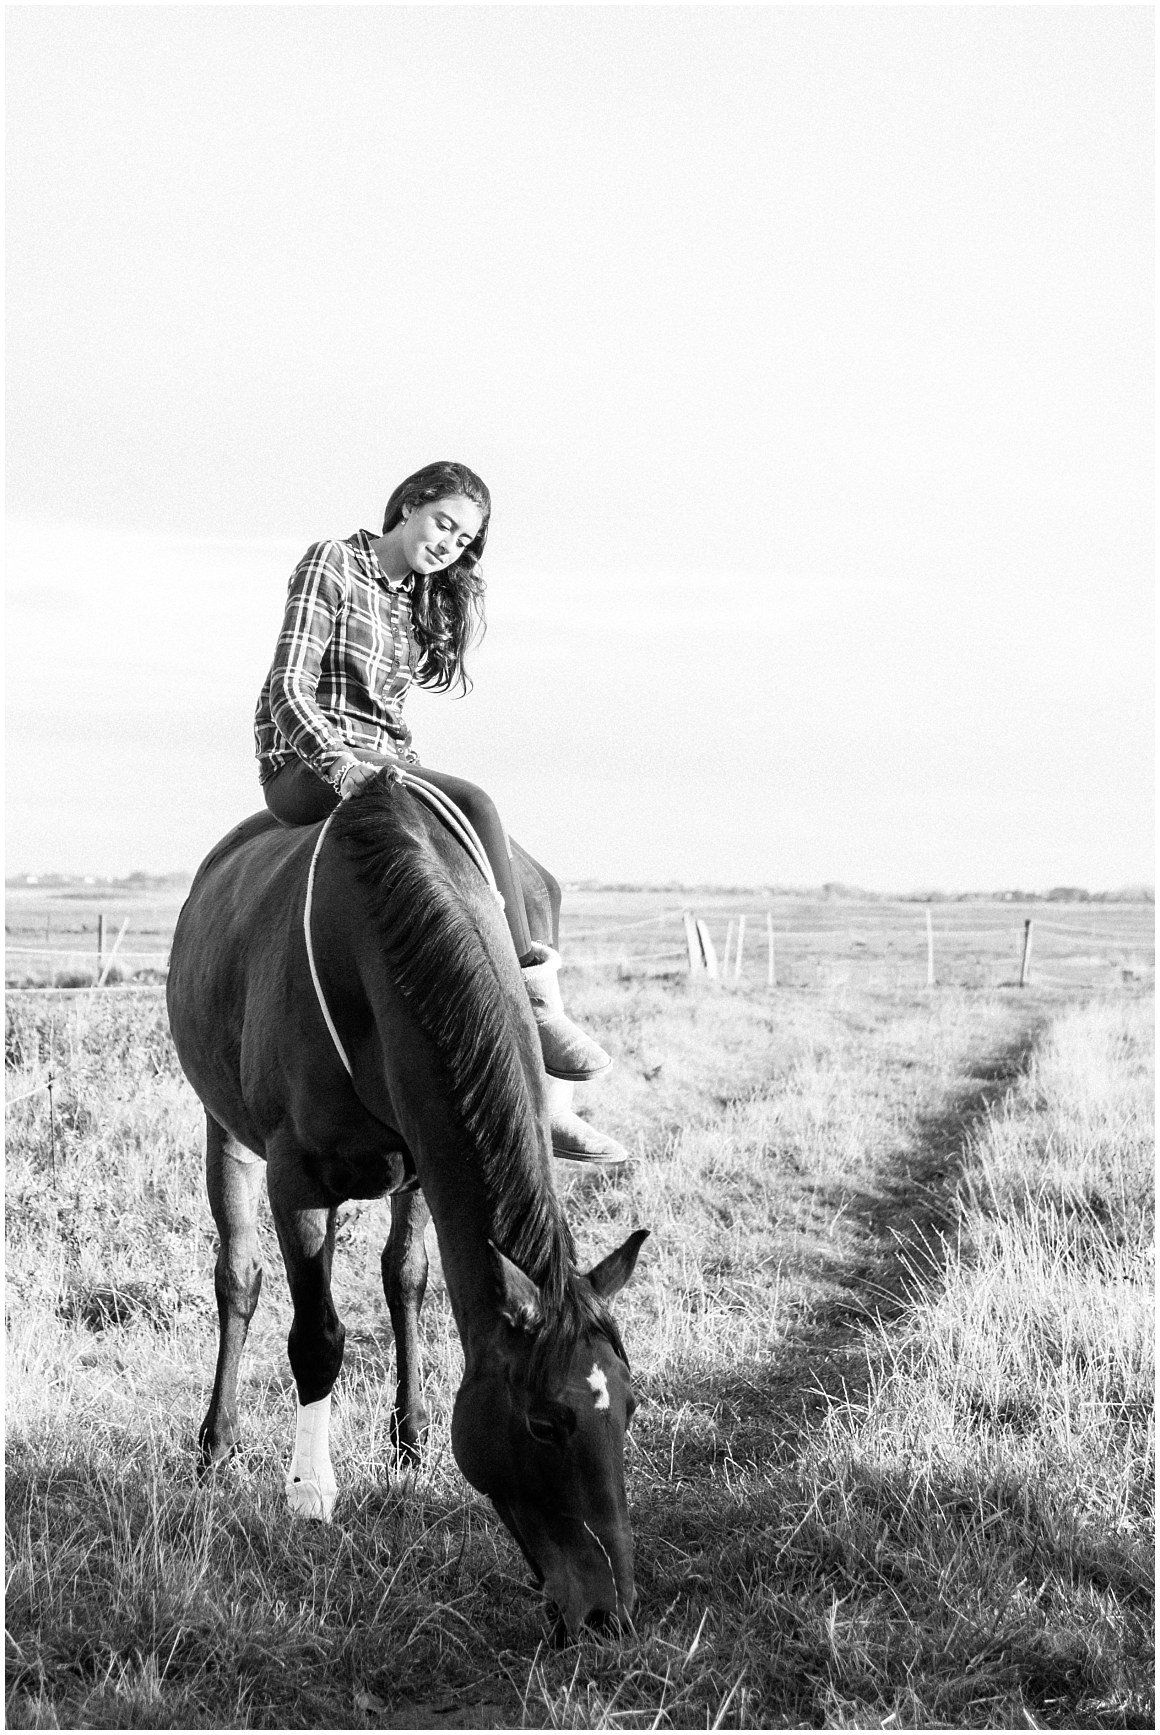 pferdefotograf-pferdeportrait-fotoshooting-mit-pferd-münchen-rosenheim-by-katrin-kind-photography_0021.jpg